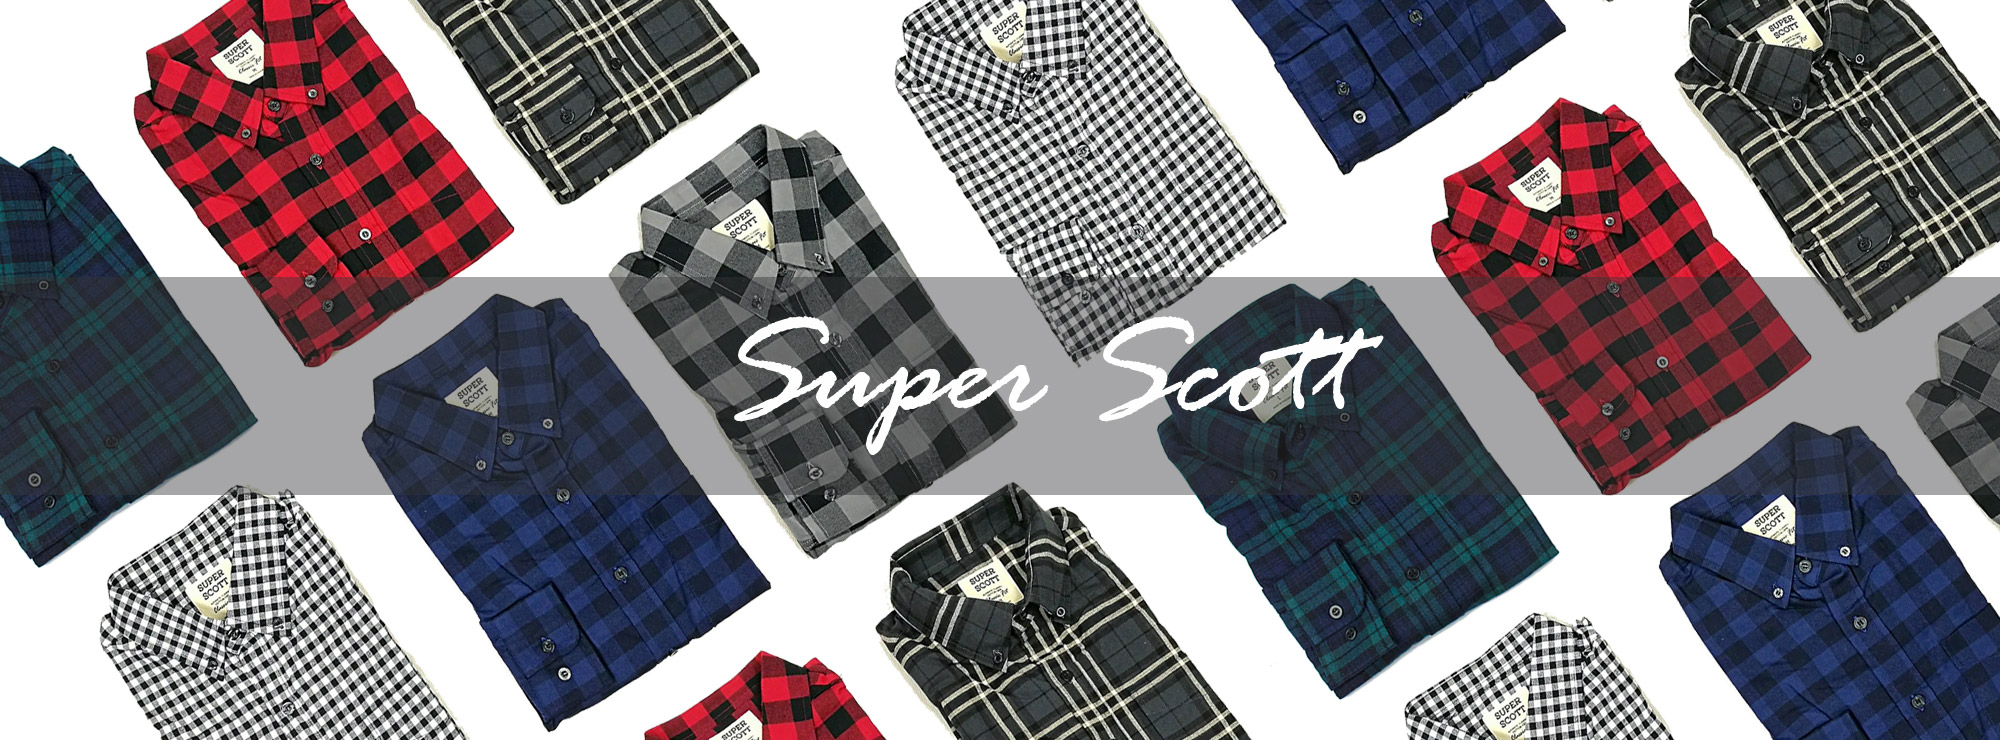 SUPER SCOTT